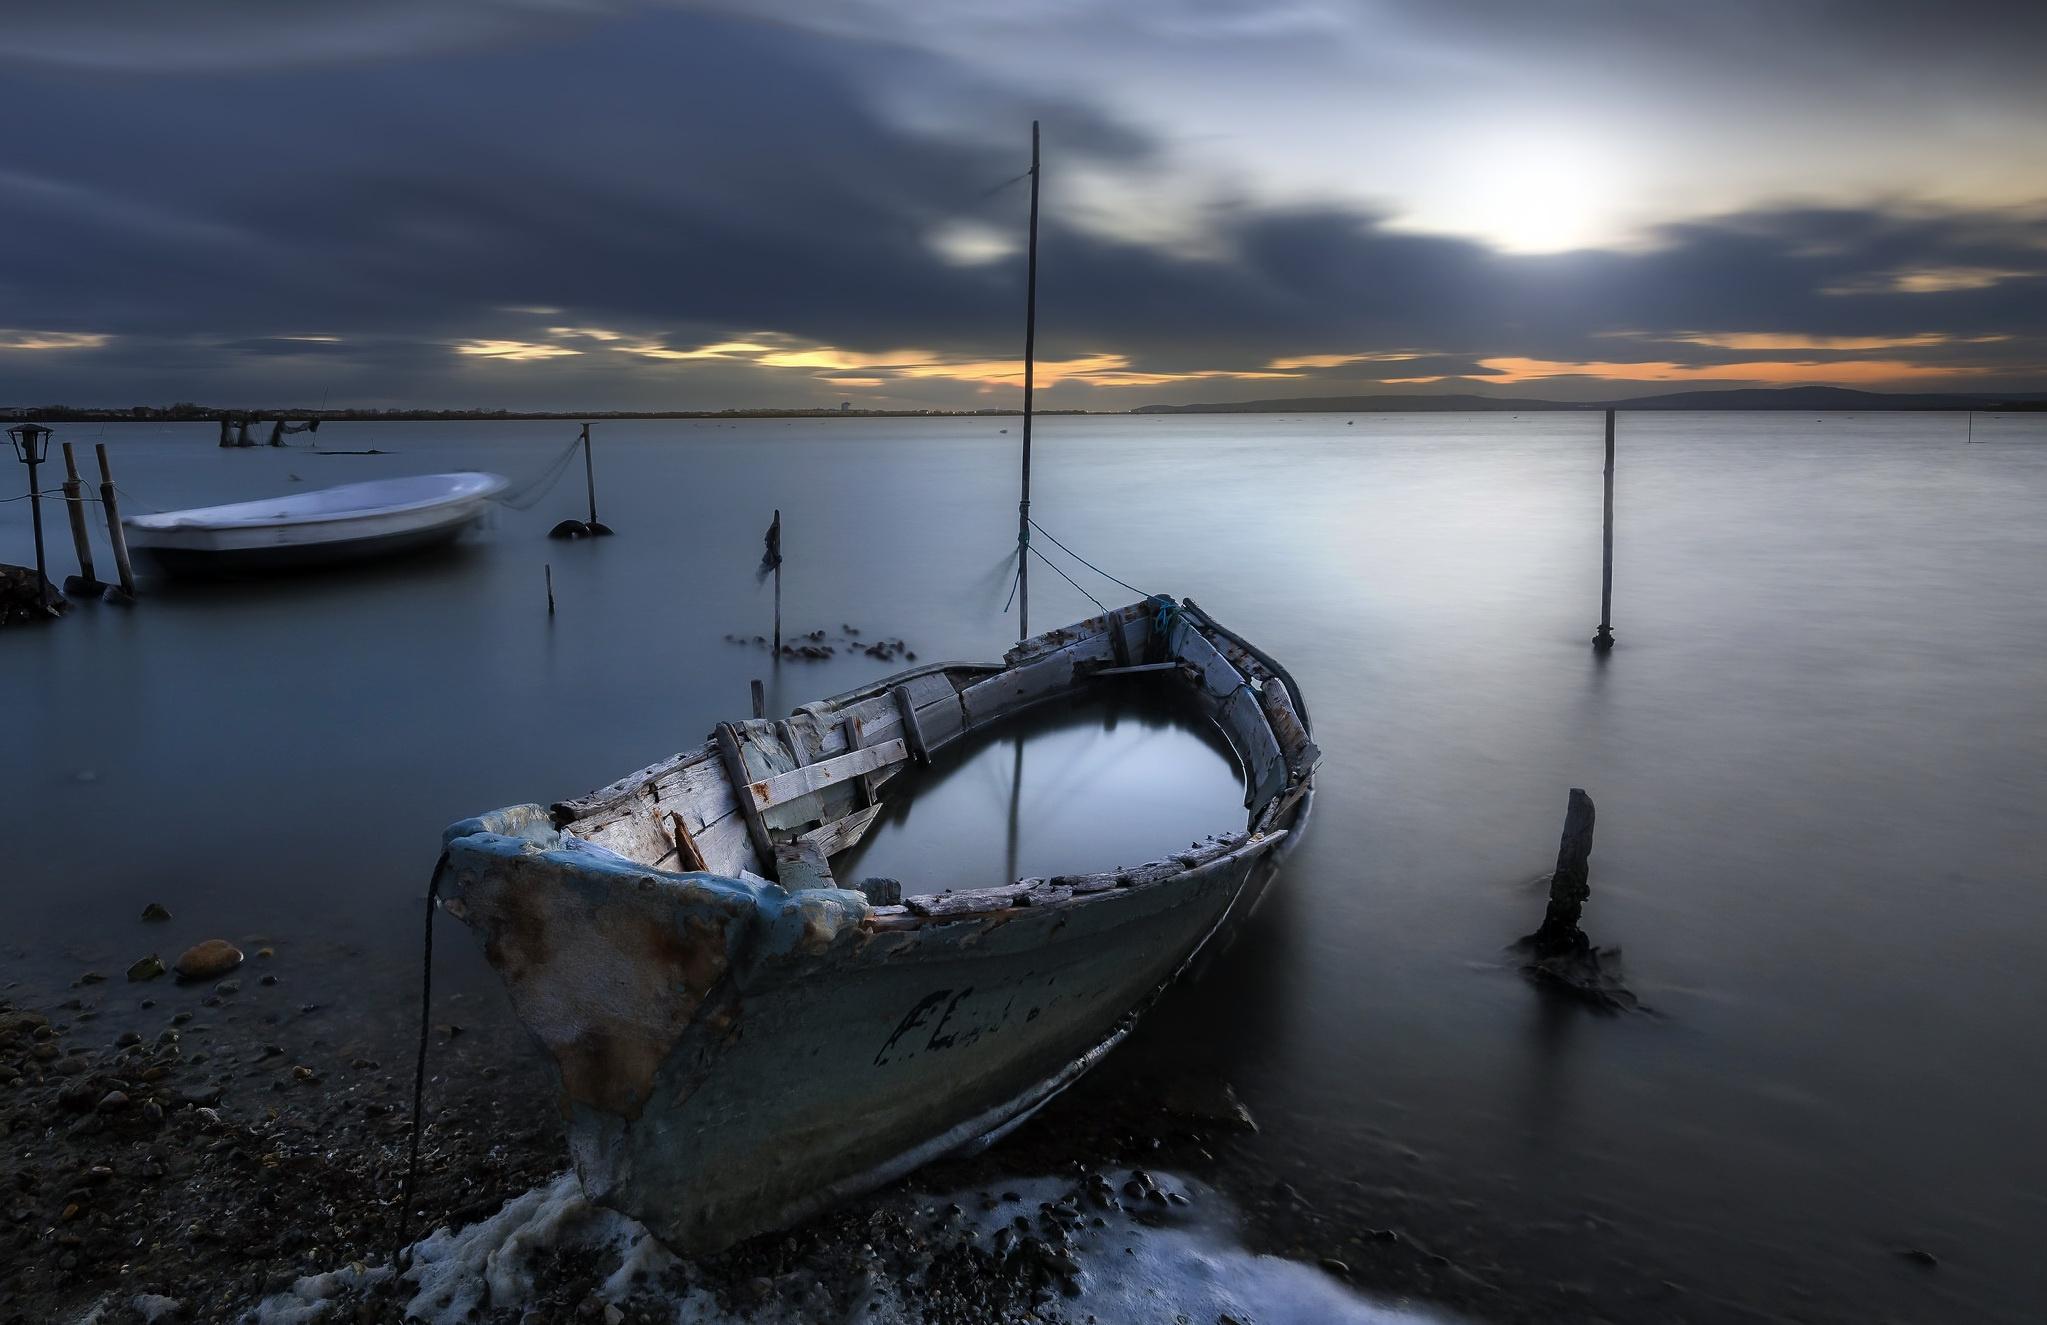 лодки ночь  № 3506395 загрузить